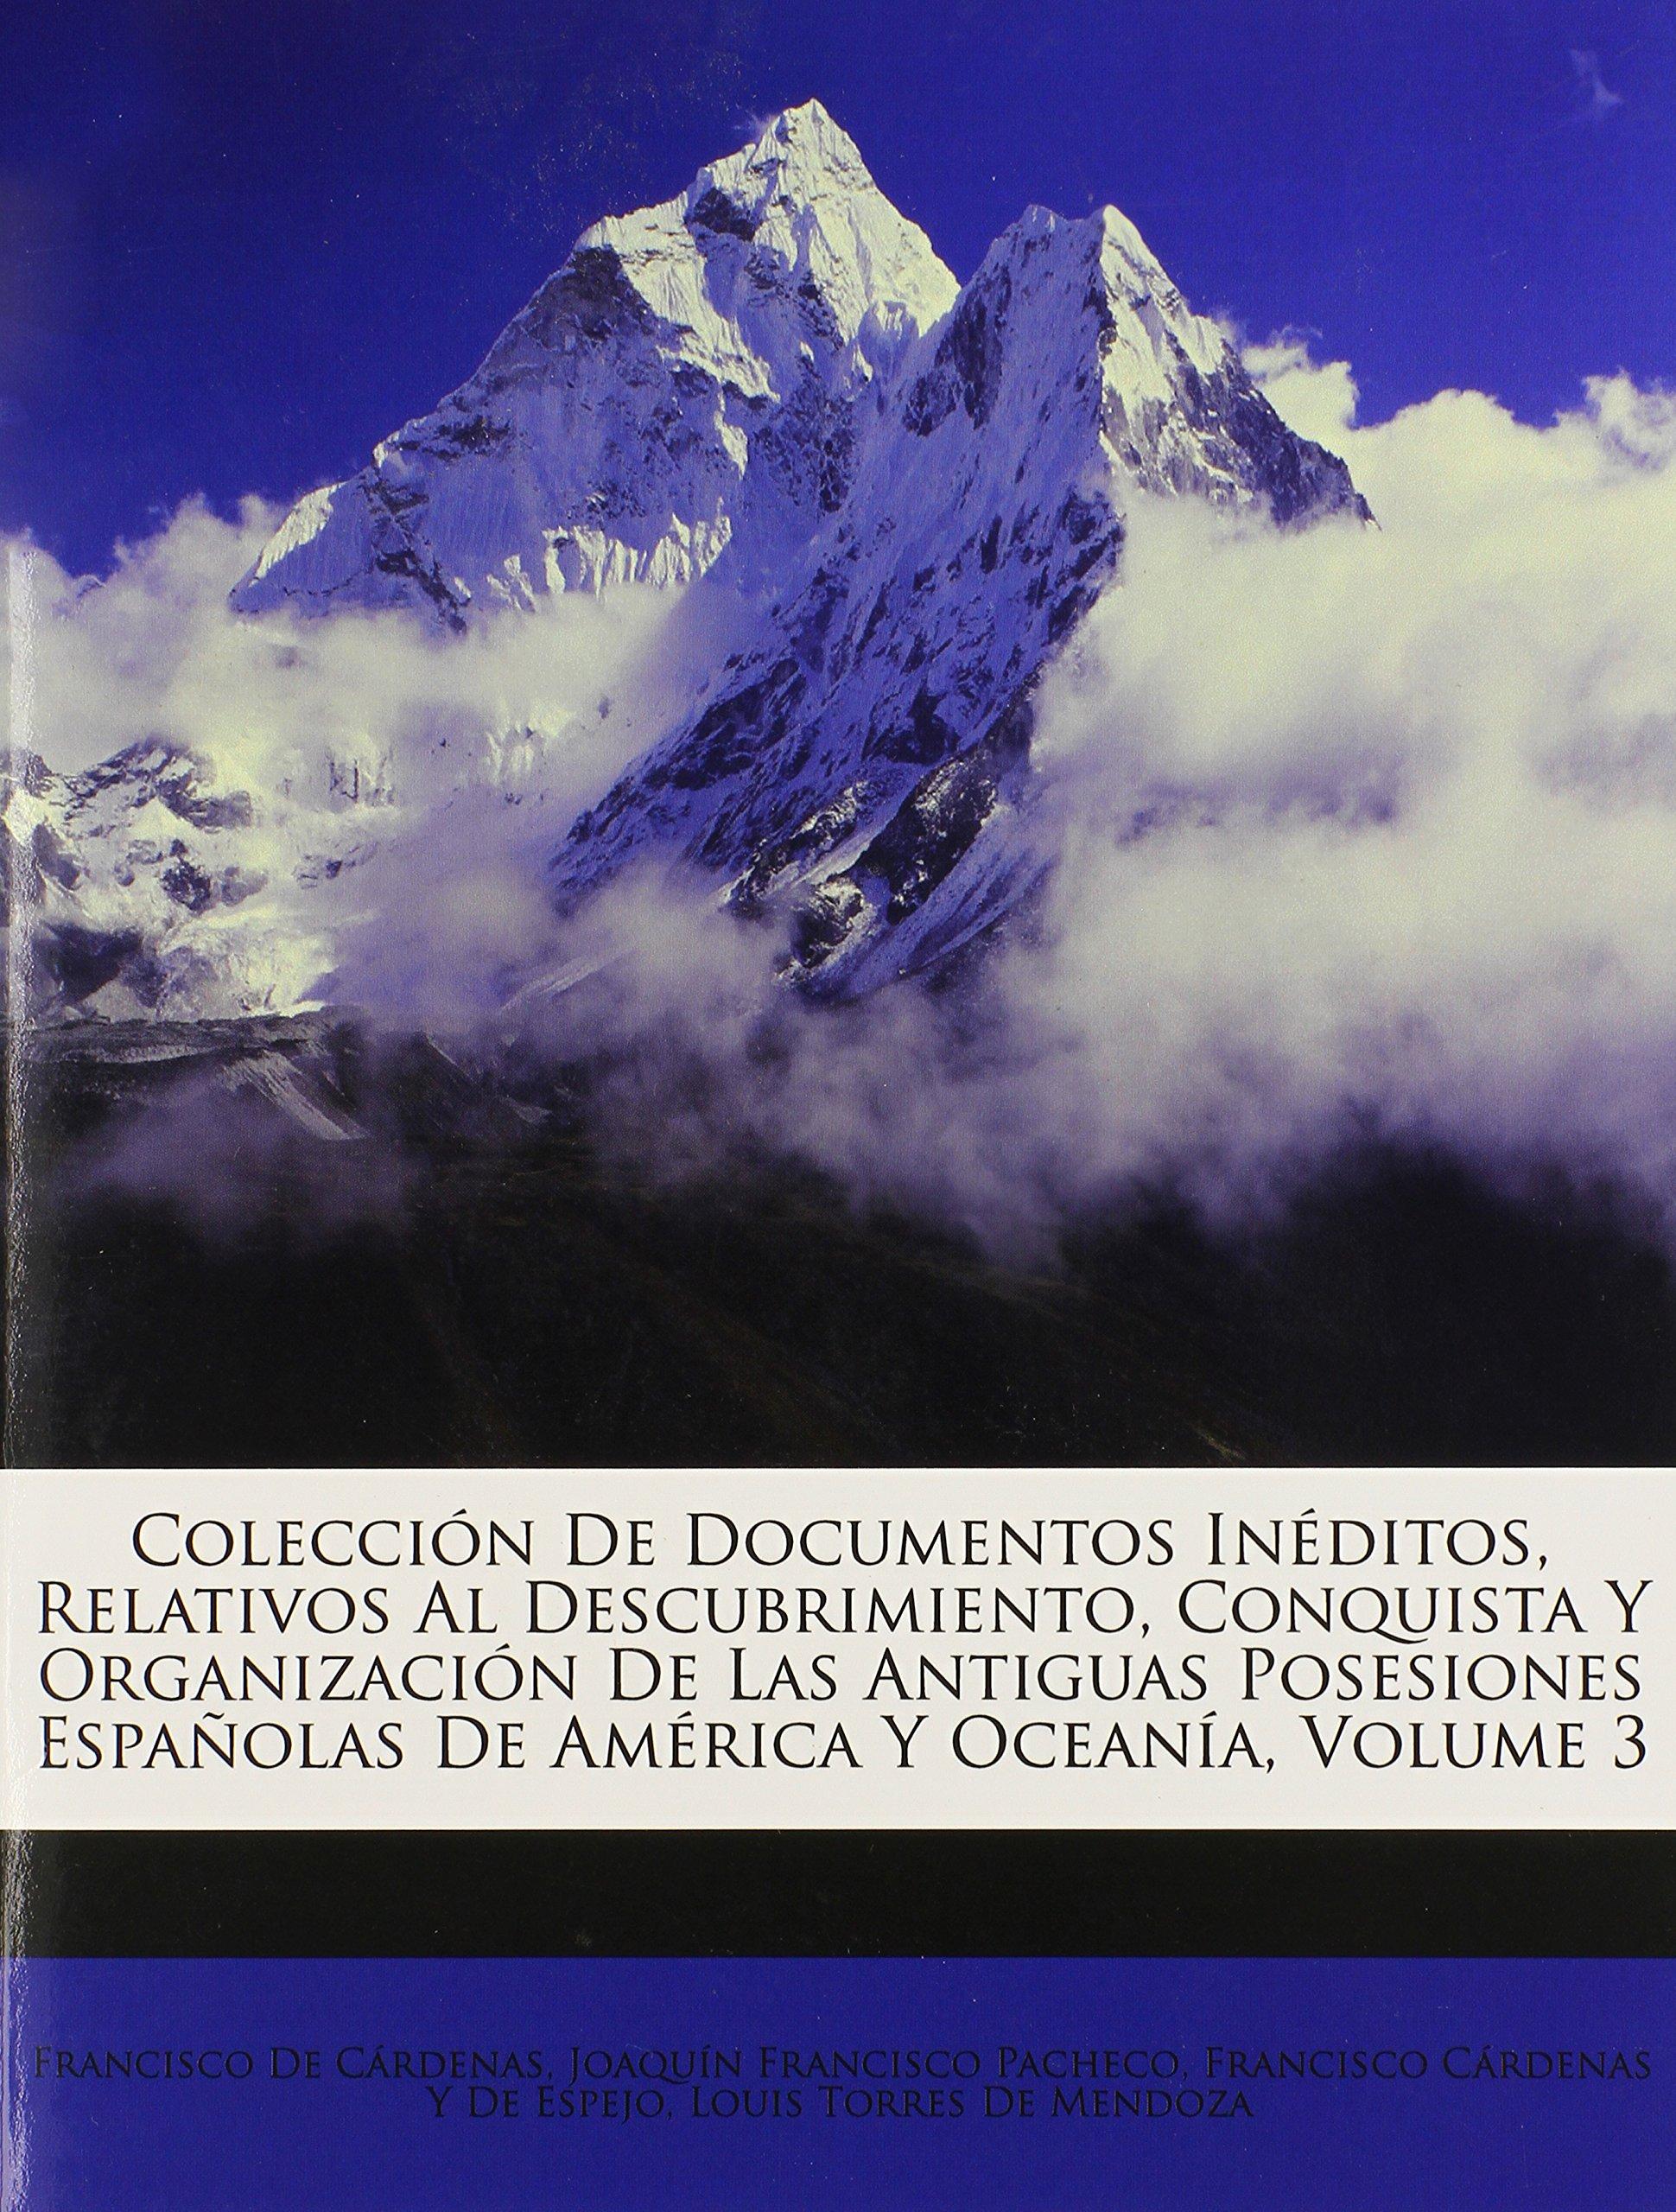 Colección De Documentos Inéditos, Relativos Al Descubrimiento, Conquista Y Organización De Las Antiguas Posesiones Españolas De América Y Oceanía, Volume 3 (Spanish Edition) pdf